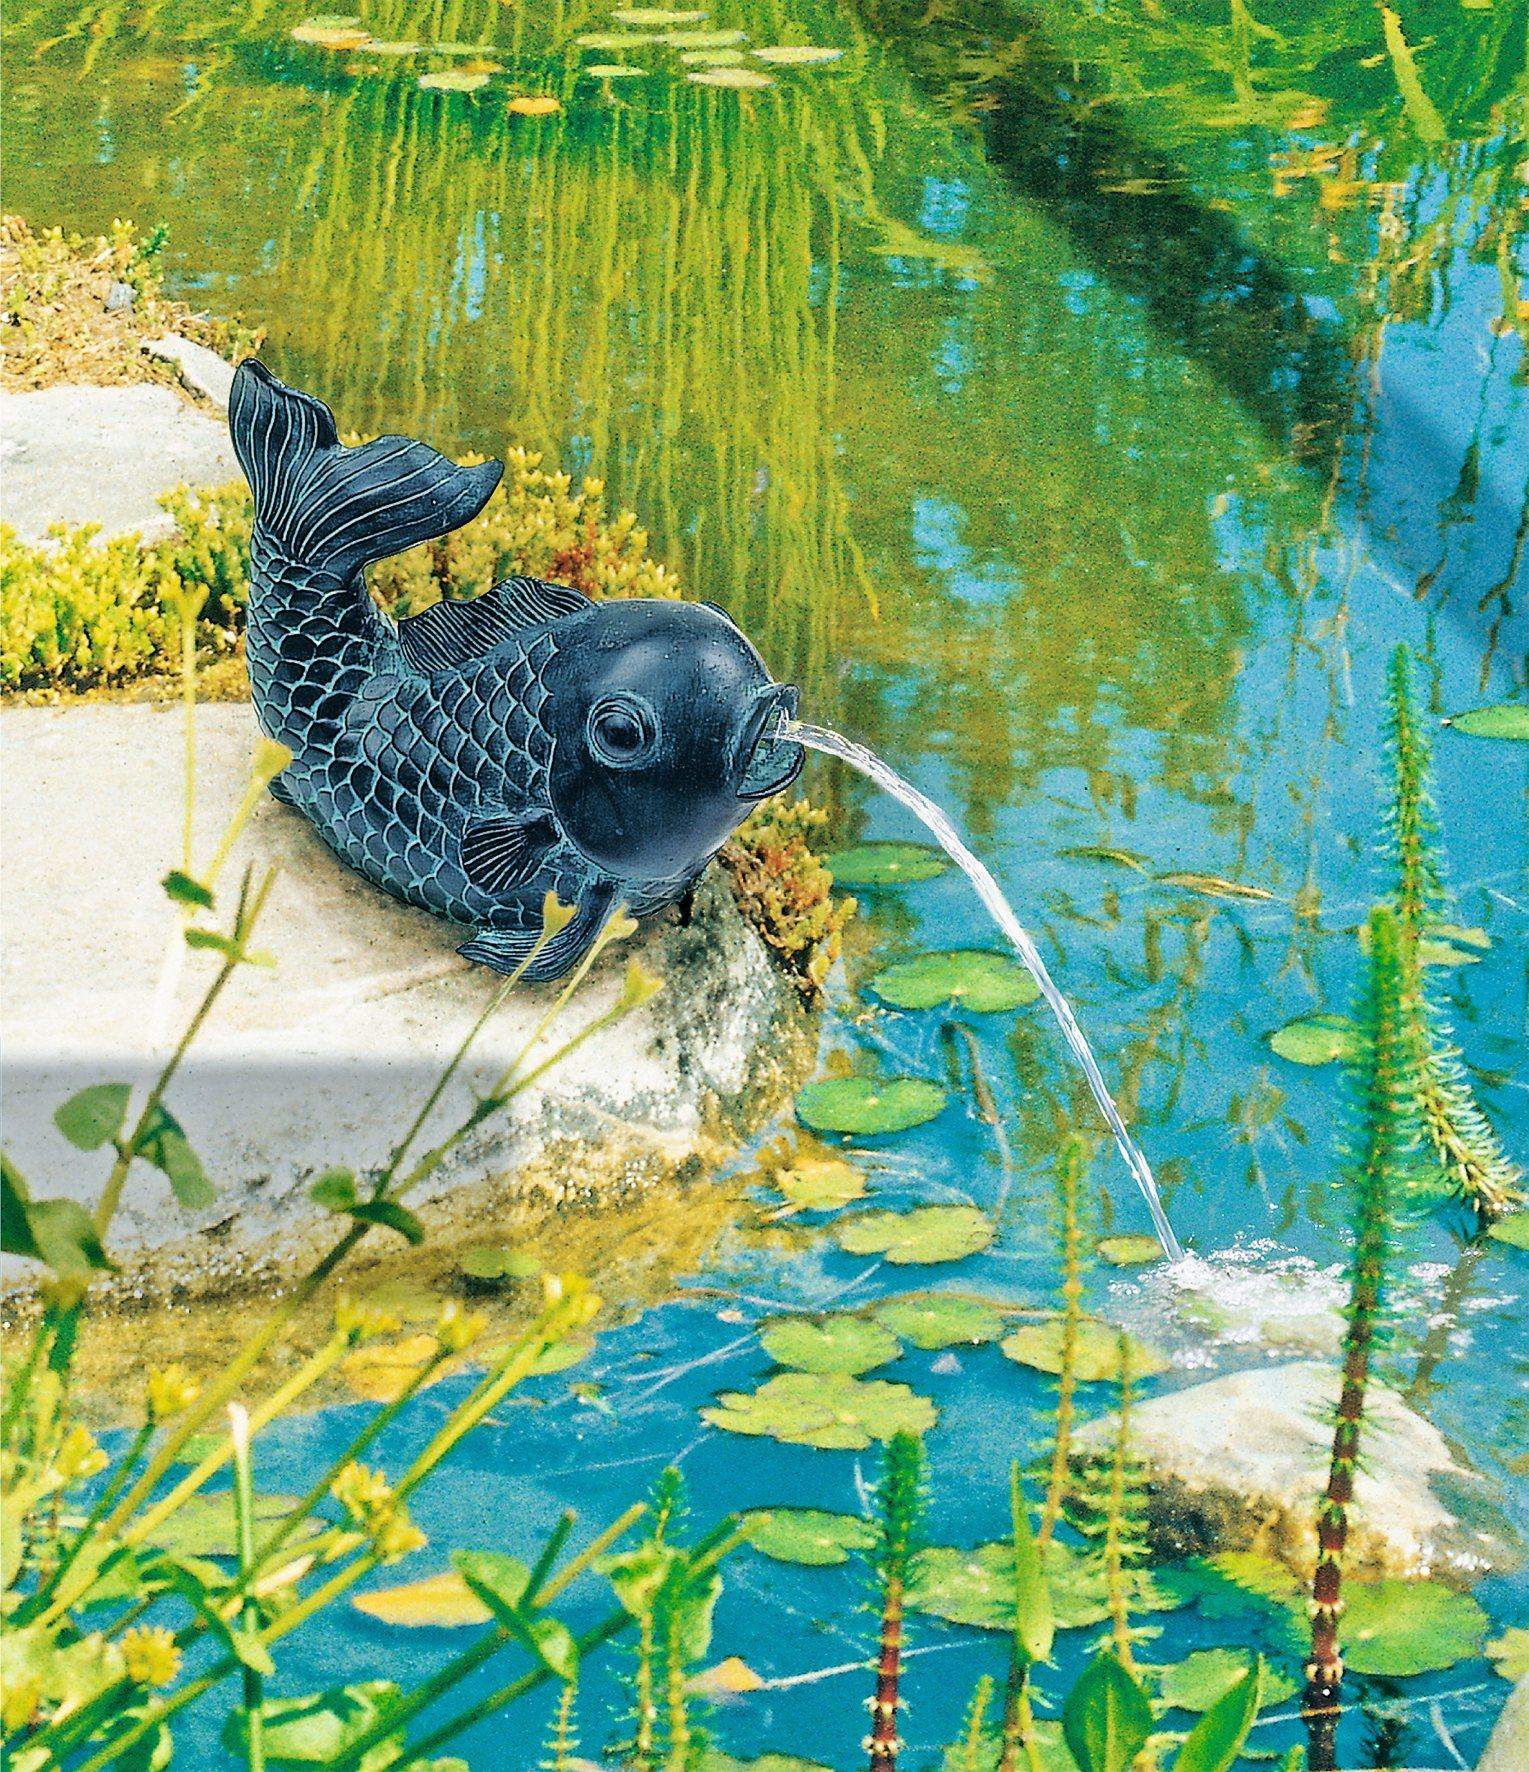 Kala suihkulähdepatsas